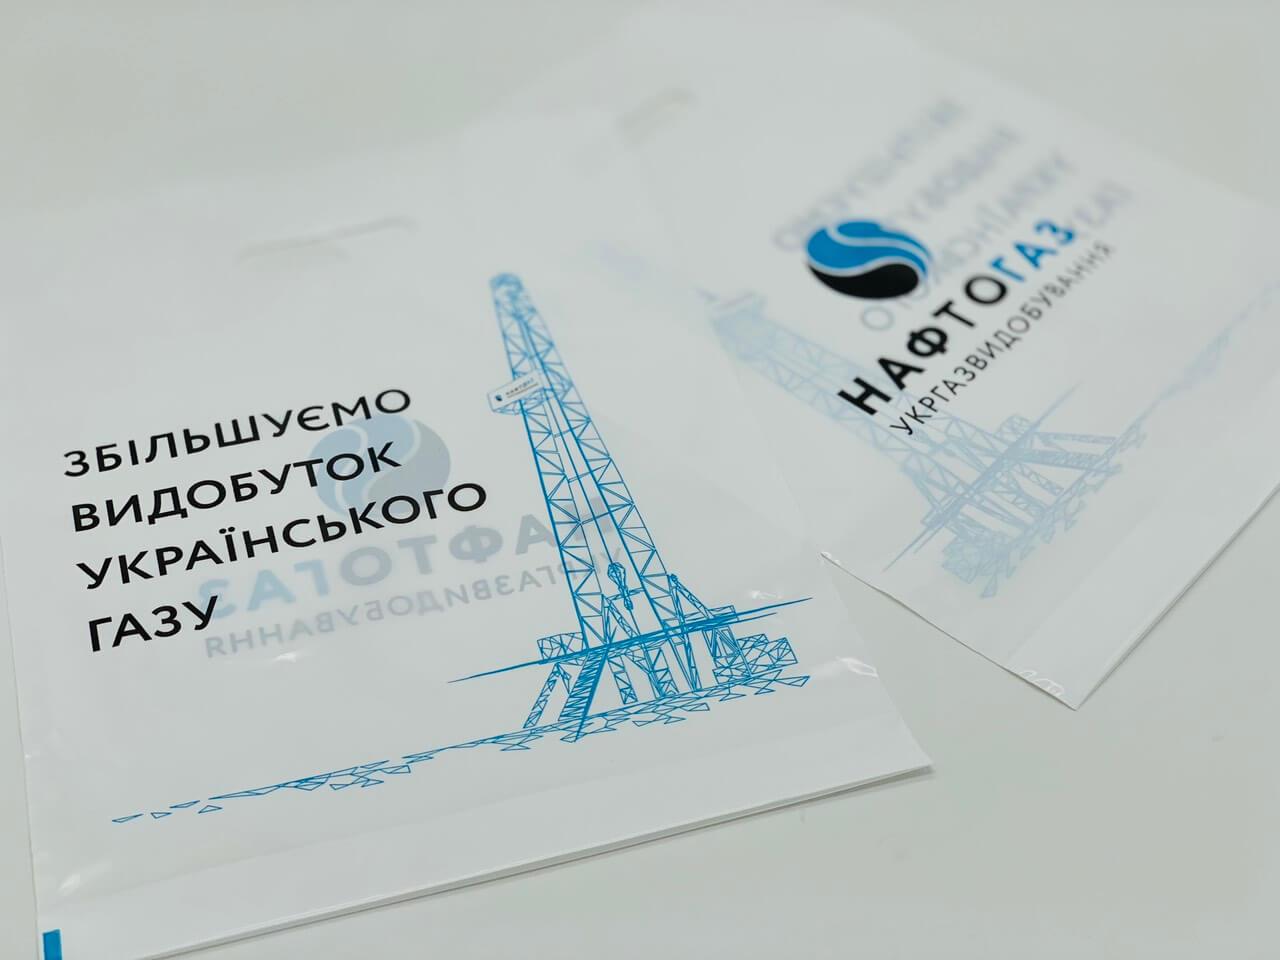 Примеры работ Chernigov Package - Фото 209